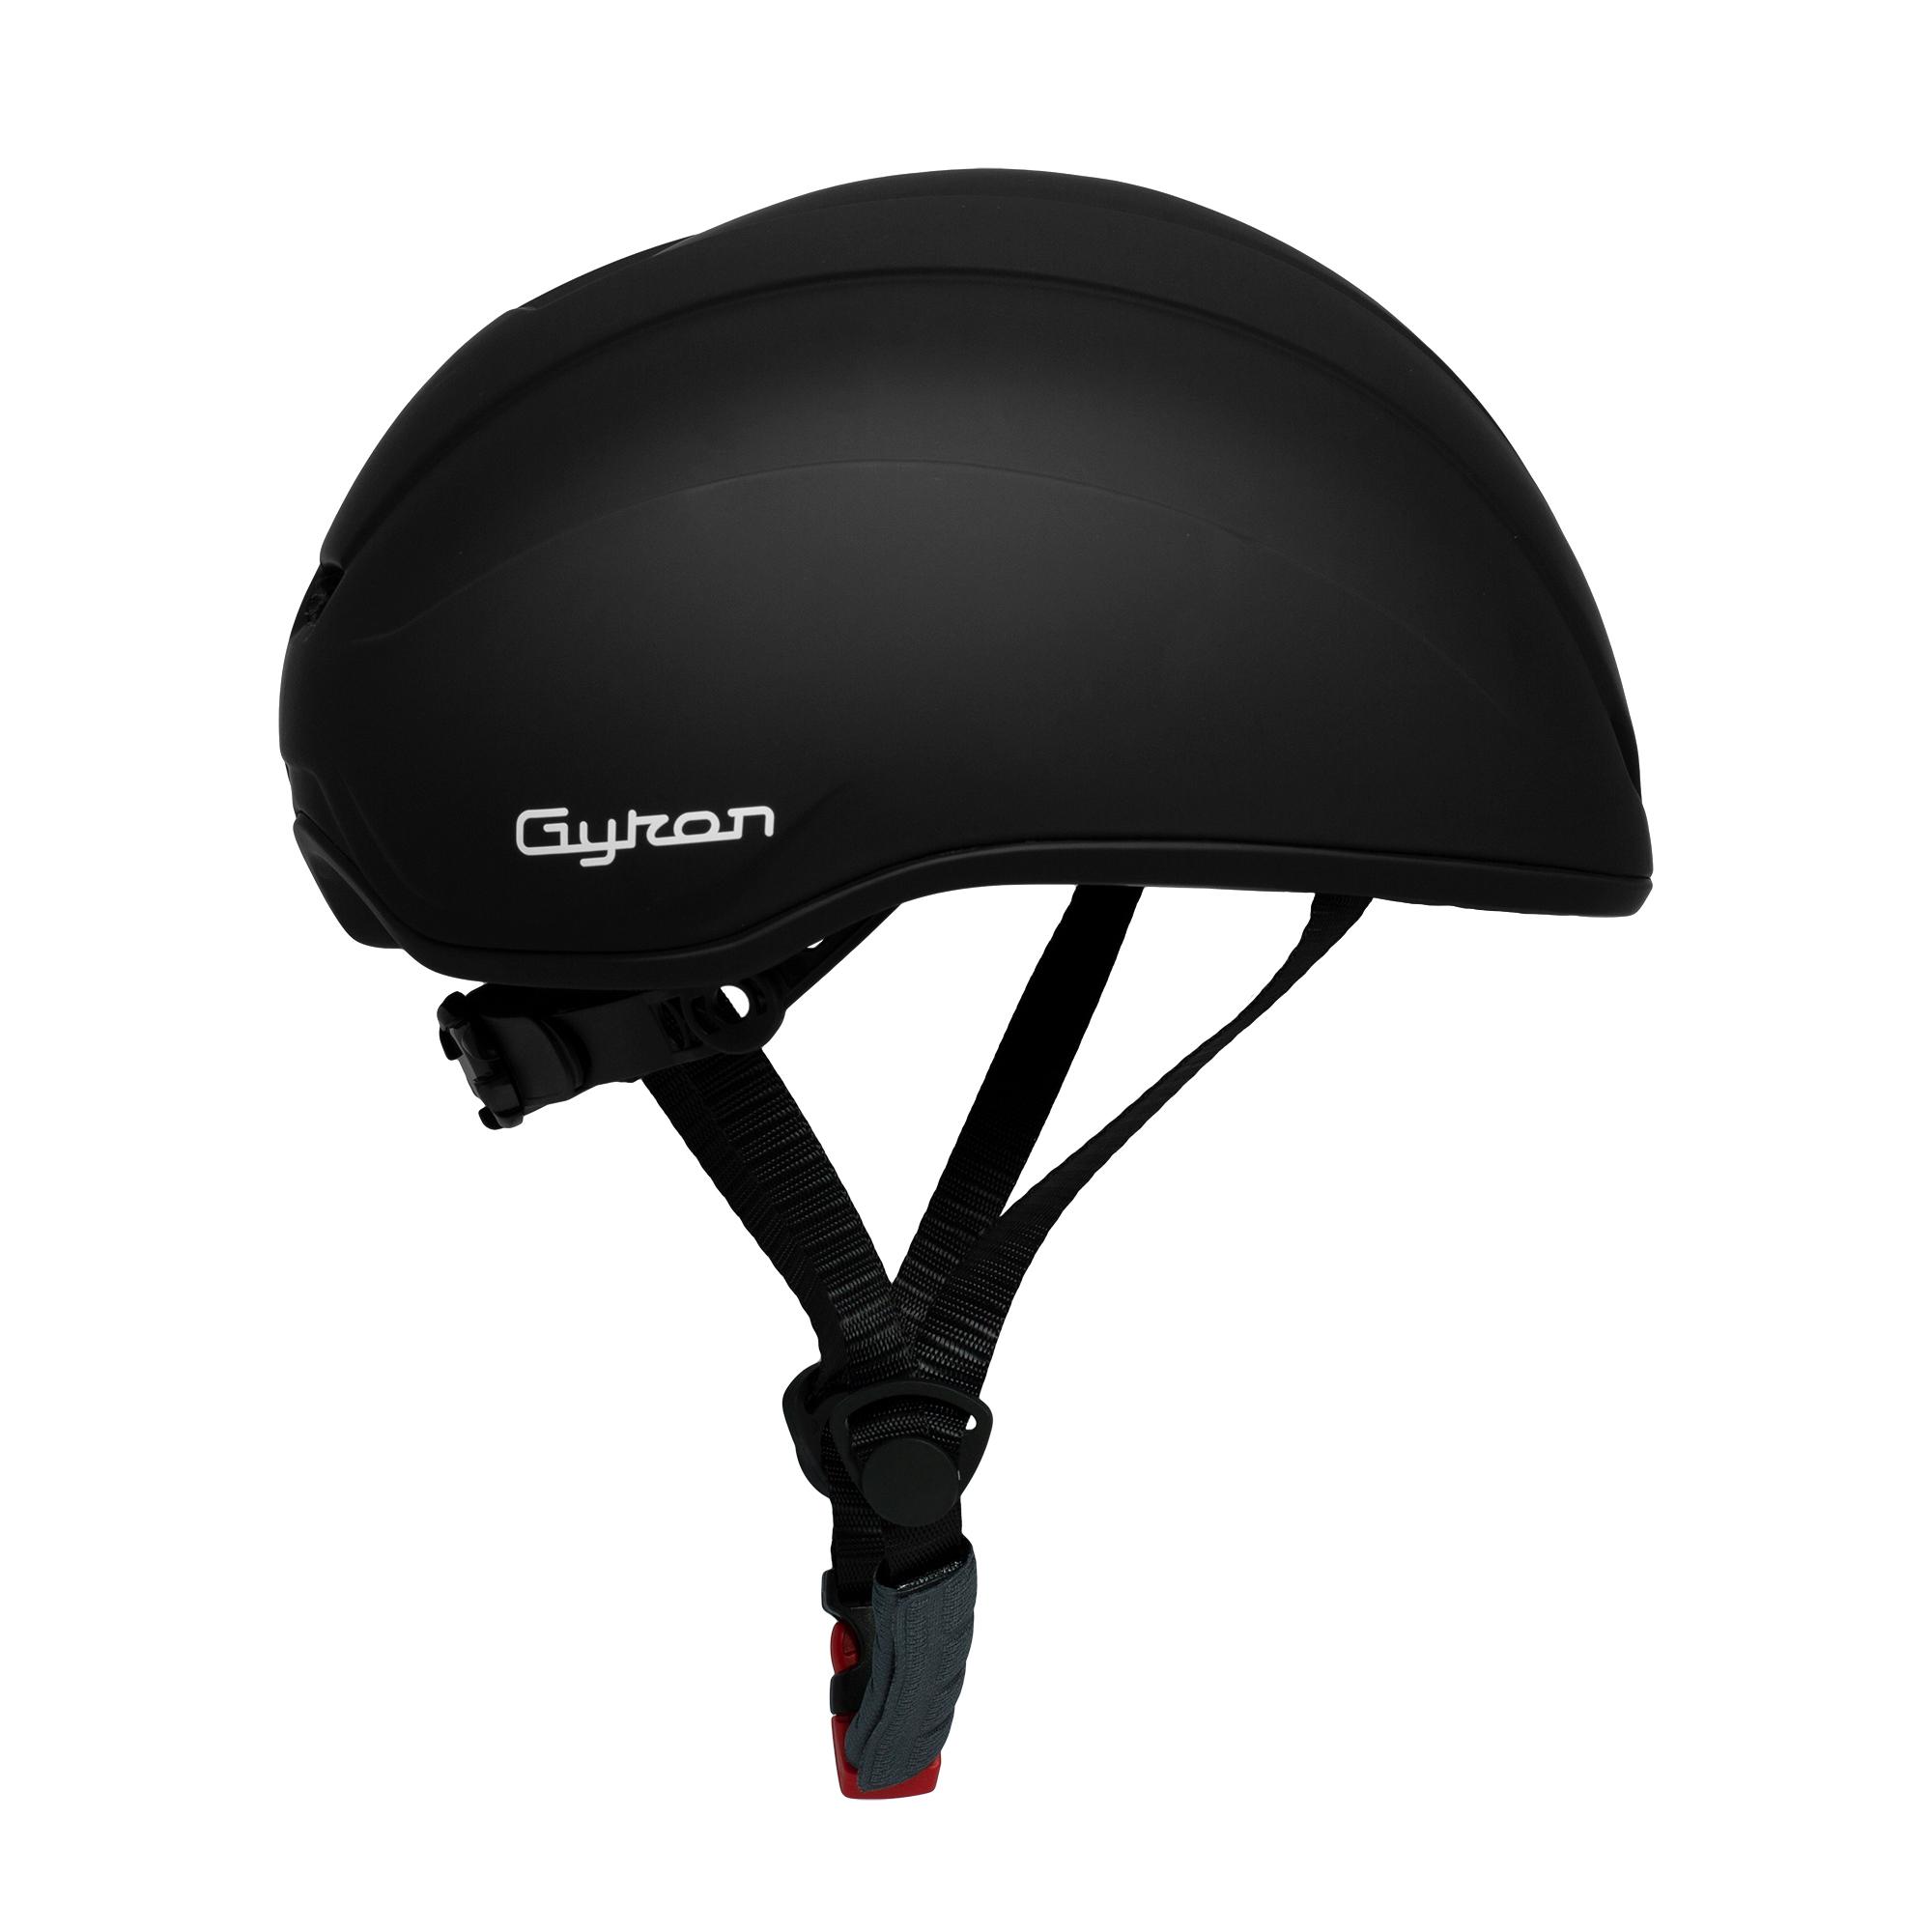 Gyron helm